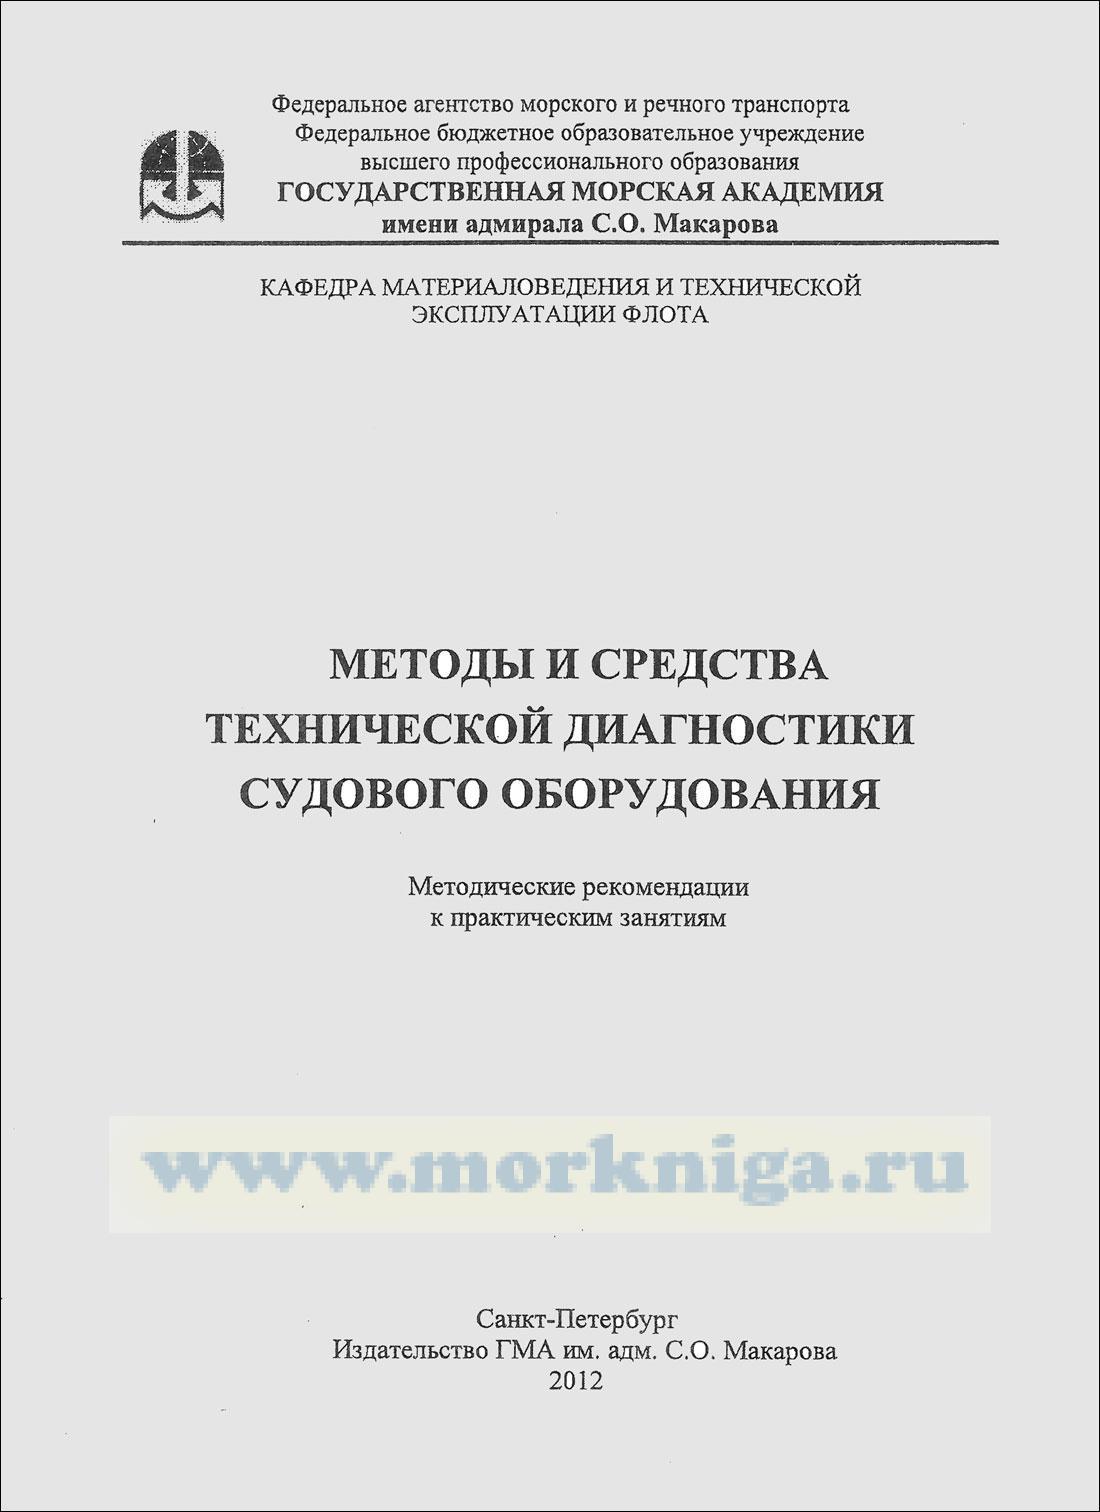 Методы и средства технической диагностики судового оборудования: методические рекомендации к практическим занятиям